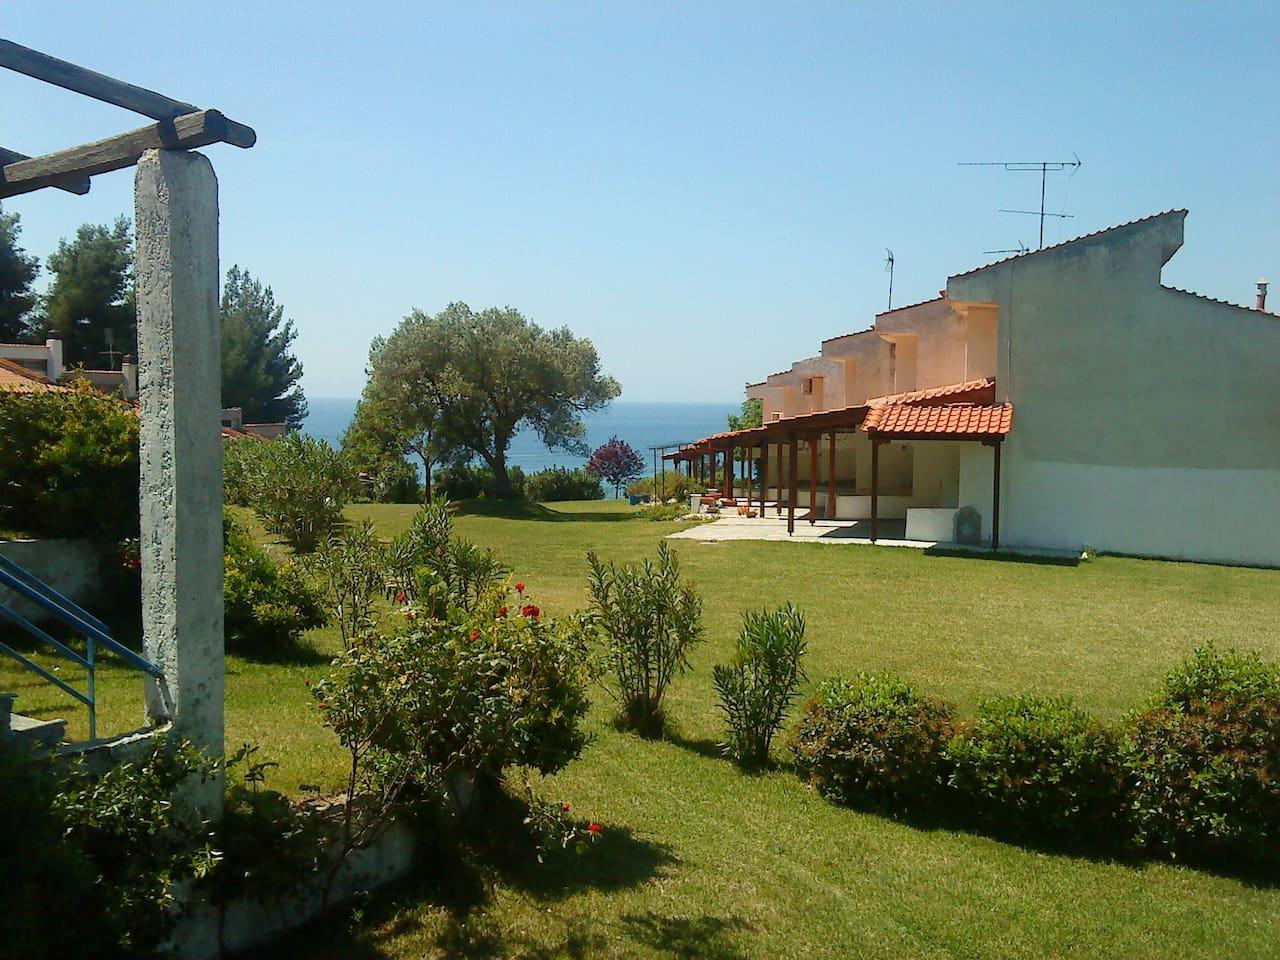 Θέα από το μπαλκόνι του σαλονιού